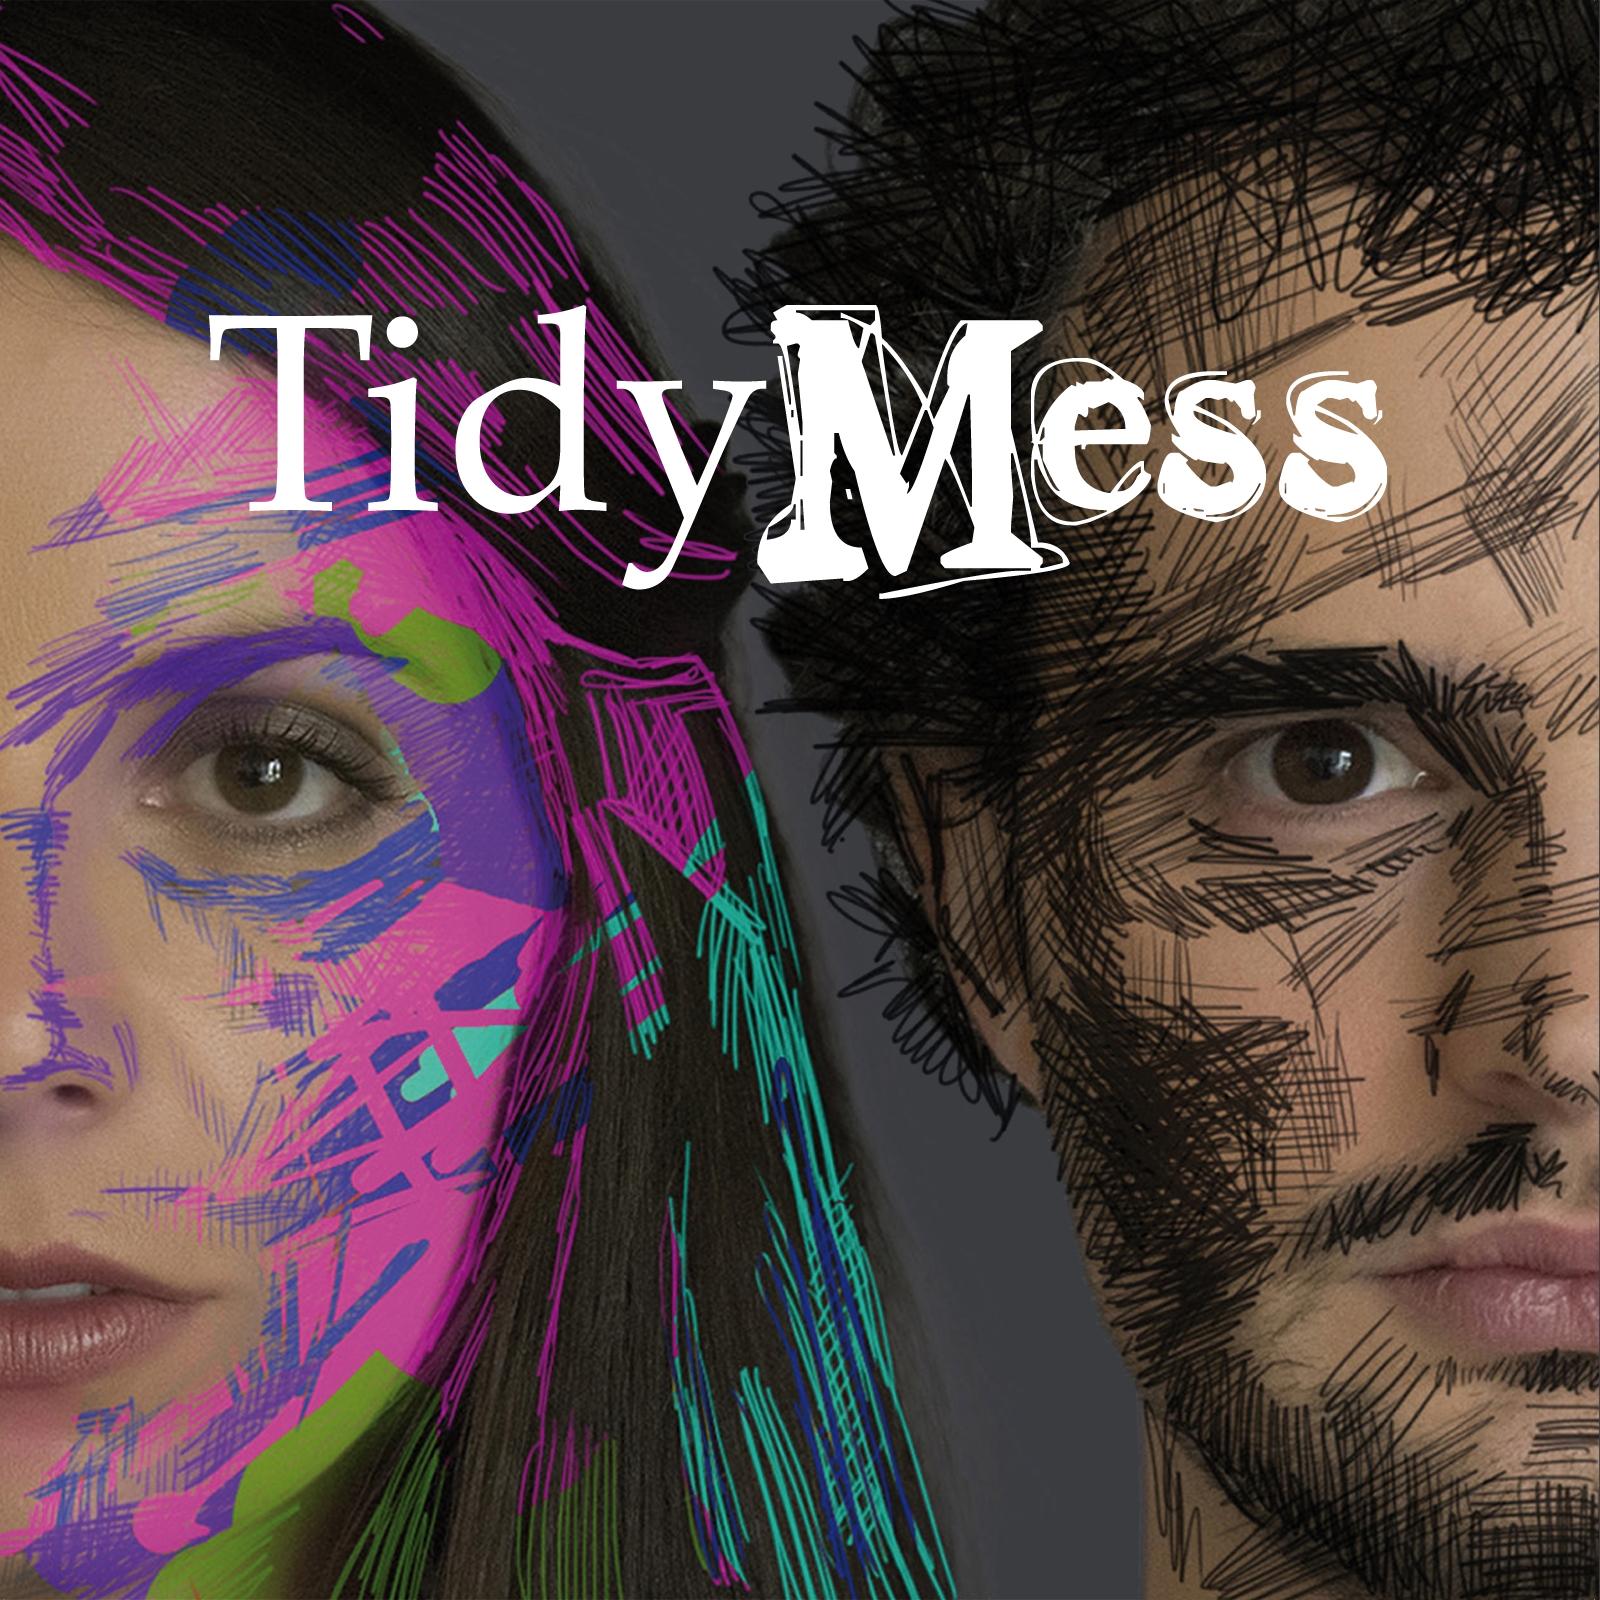 TidyMess - De Concert Image